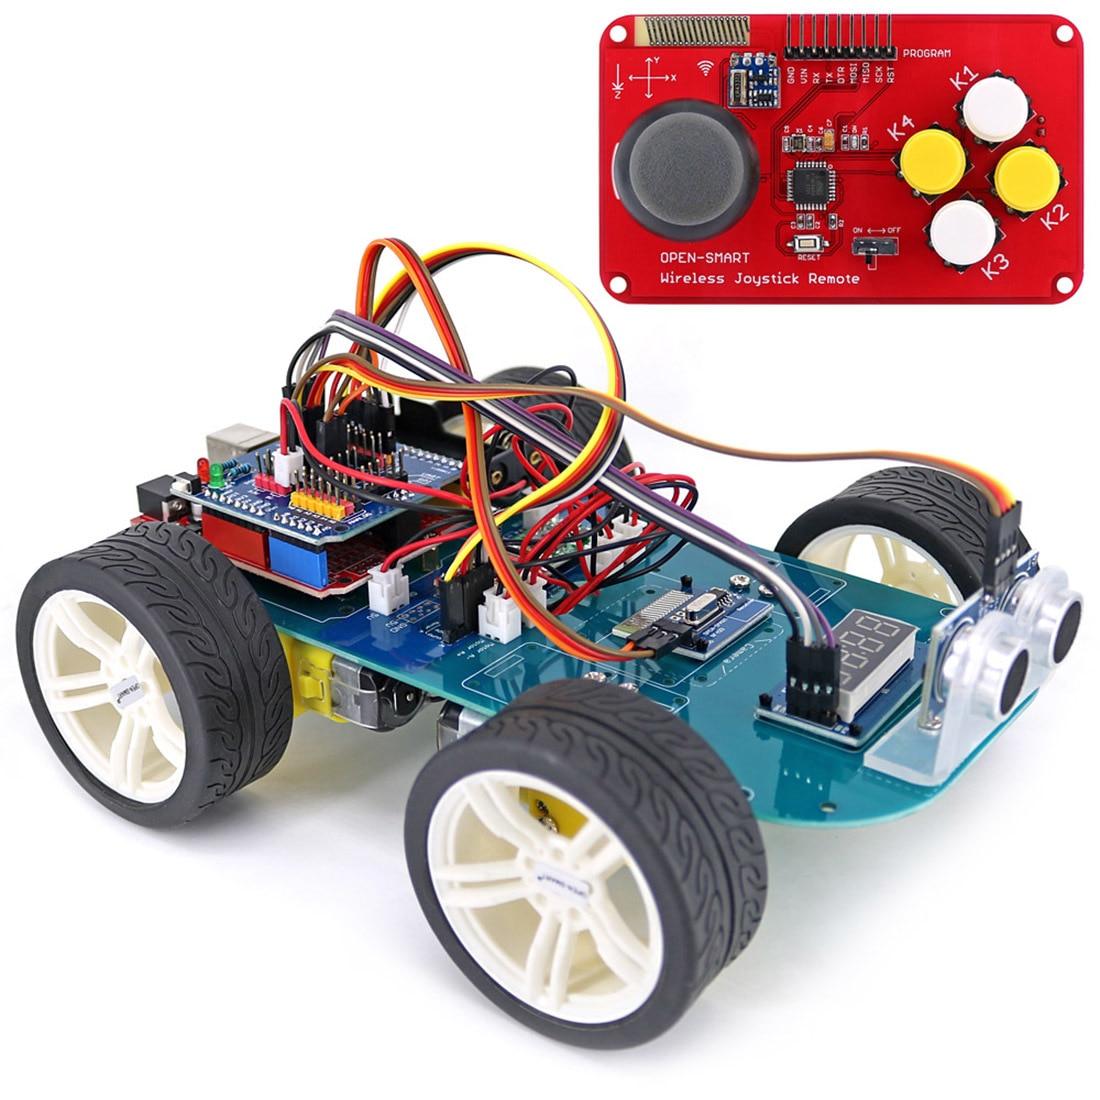 Nouveau 4WD sans fil Joystick bricolage télécommande voiture intelligente Programmable haute technologie jouet Kit avec tutoriel pour Arduino pour R3 Nano chaud